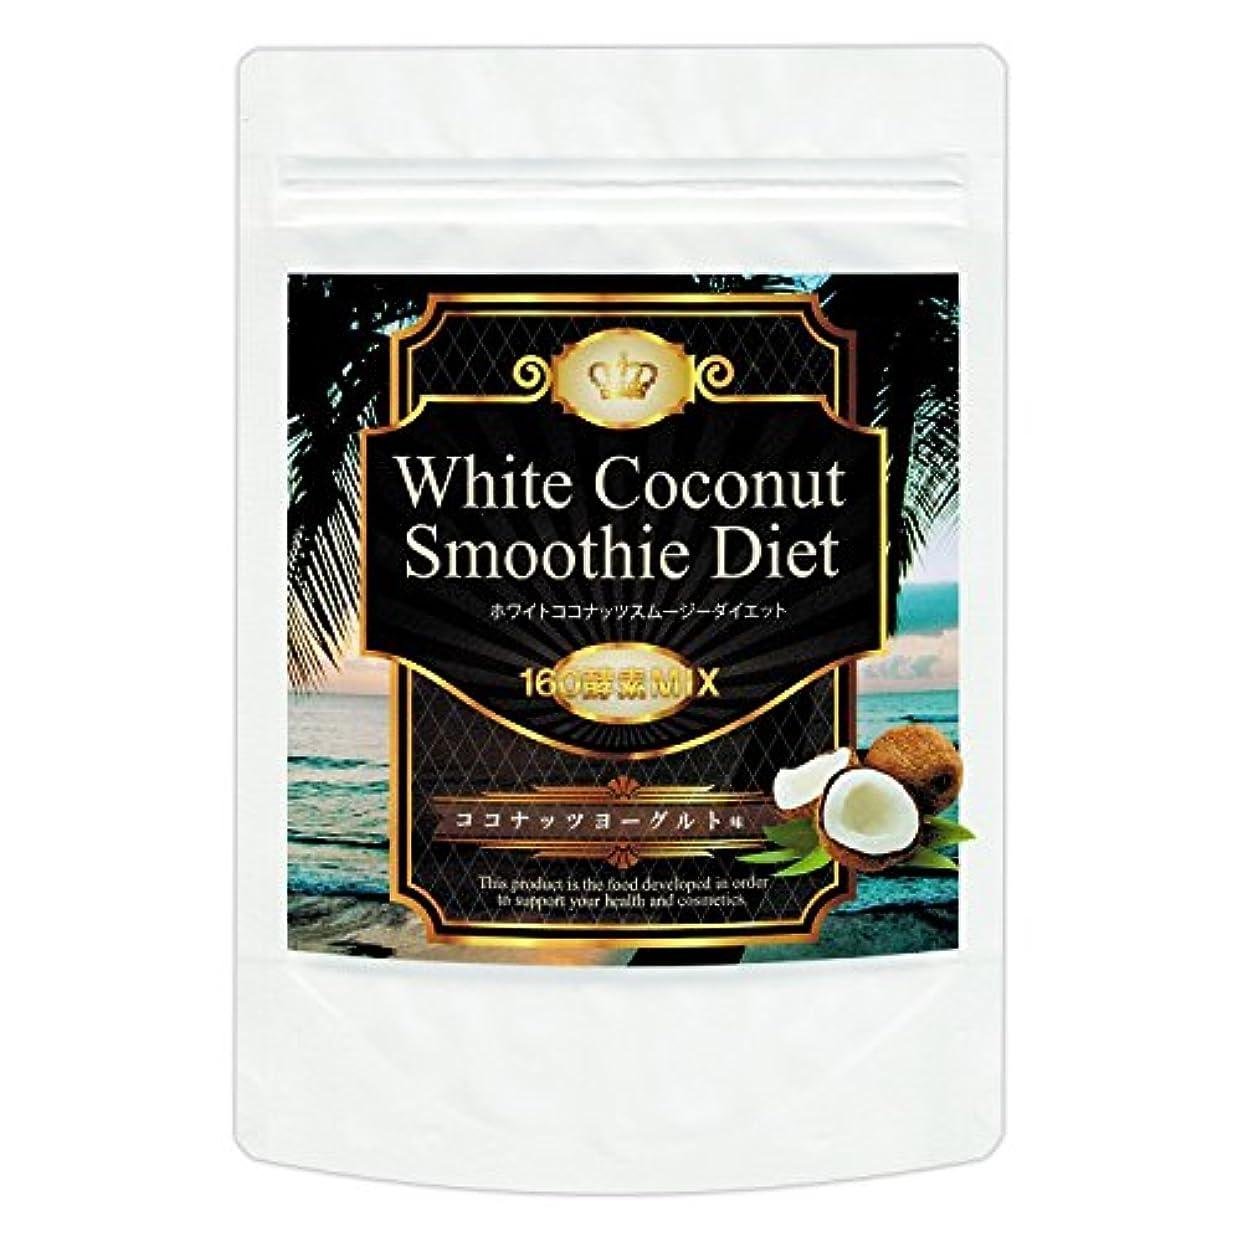 気まぐれな信頼性のあるワインホワイトココナッツスムージーダイエット(ココナッツヨーグルト味) ~160酵素MIX~